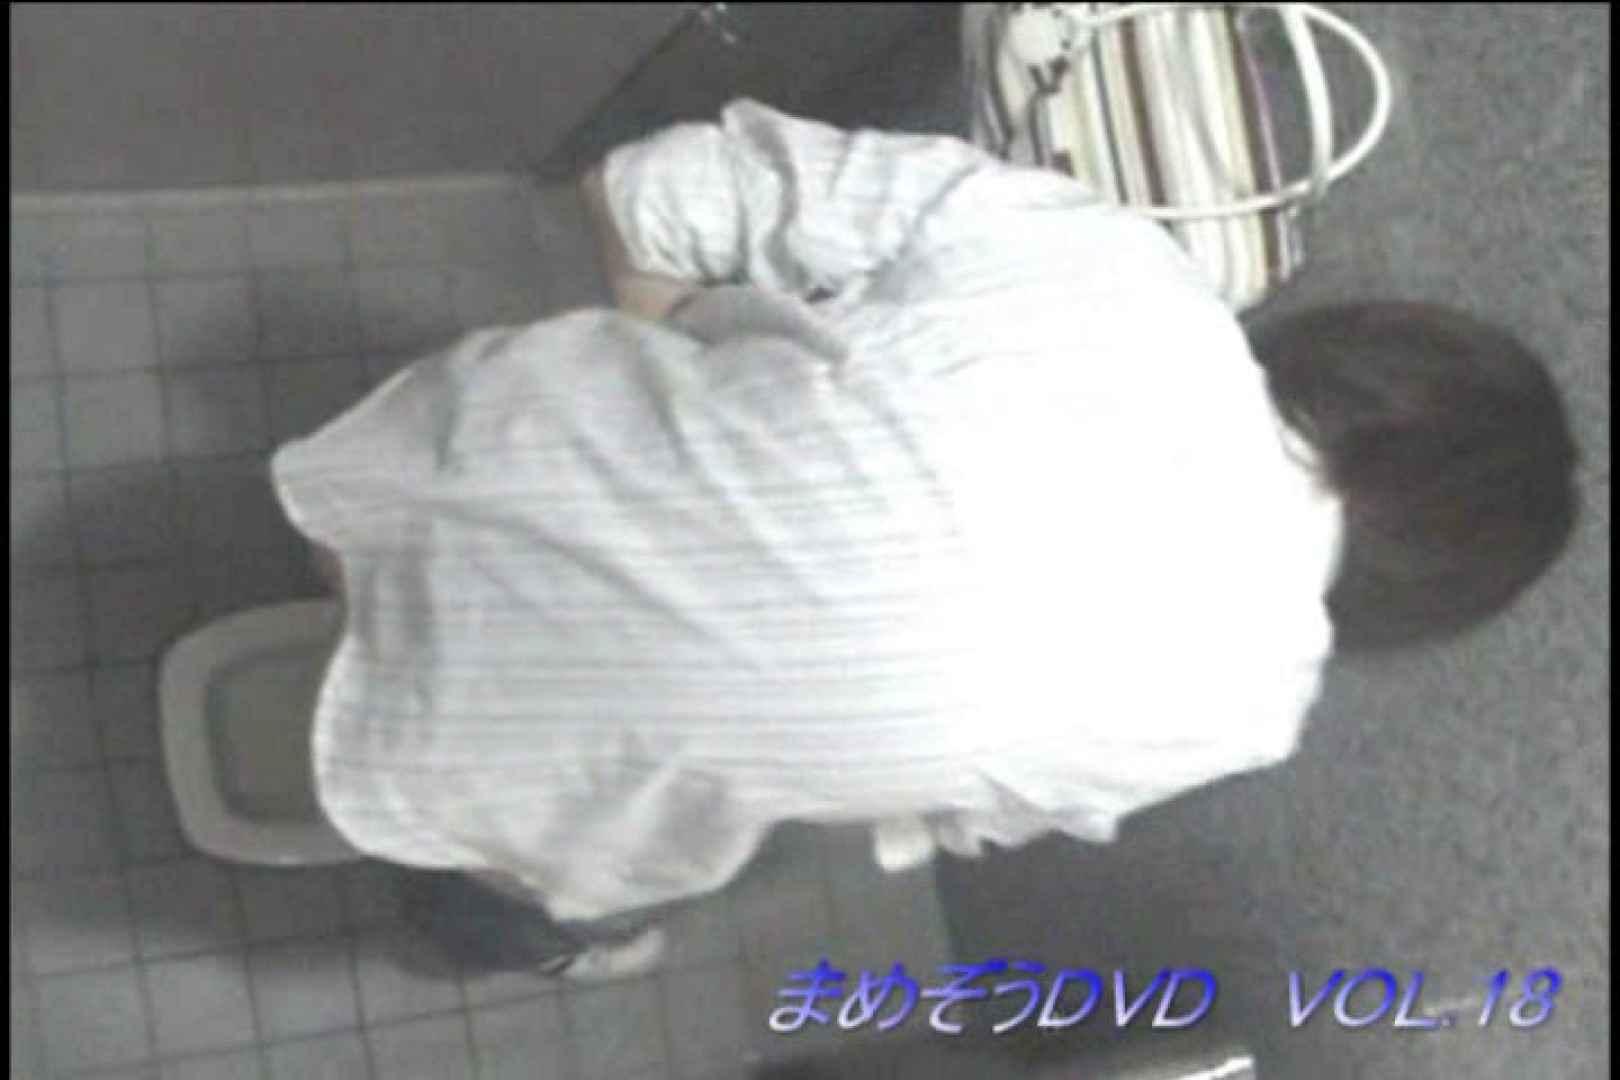 まめぞうDVD完全版VOL.18 ギャル盗撮映像   OLのボディ  76PIX 67